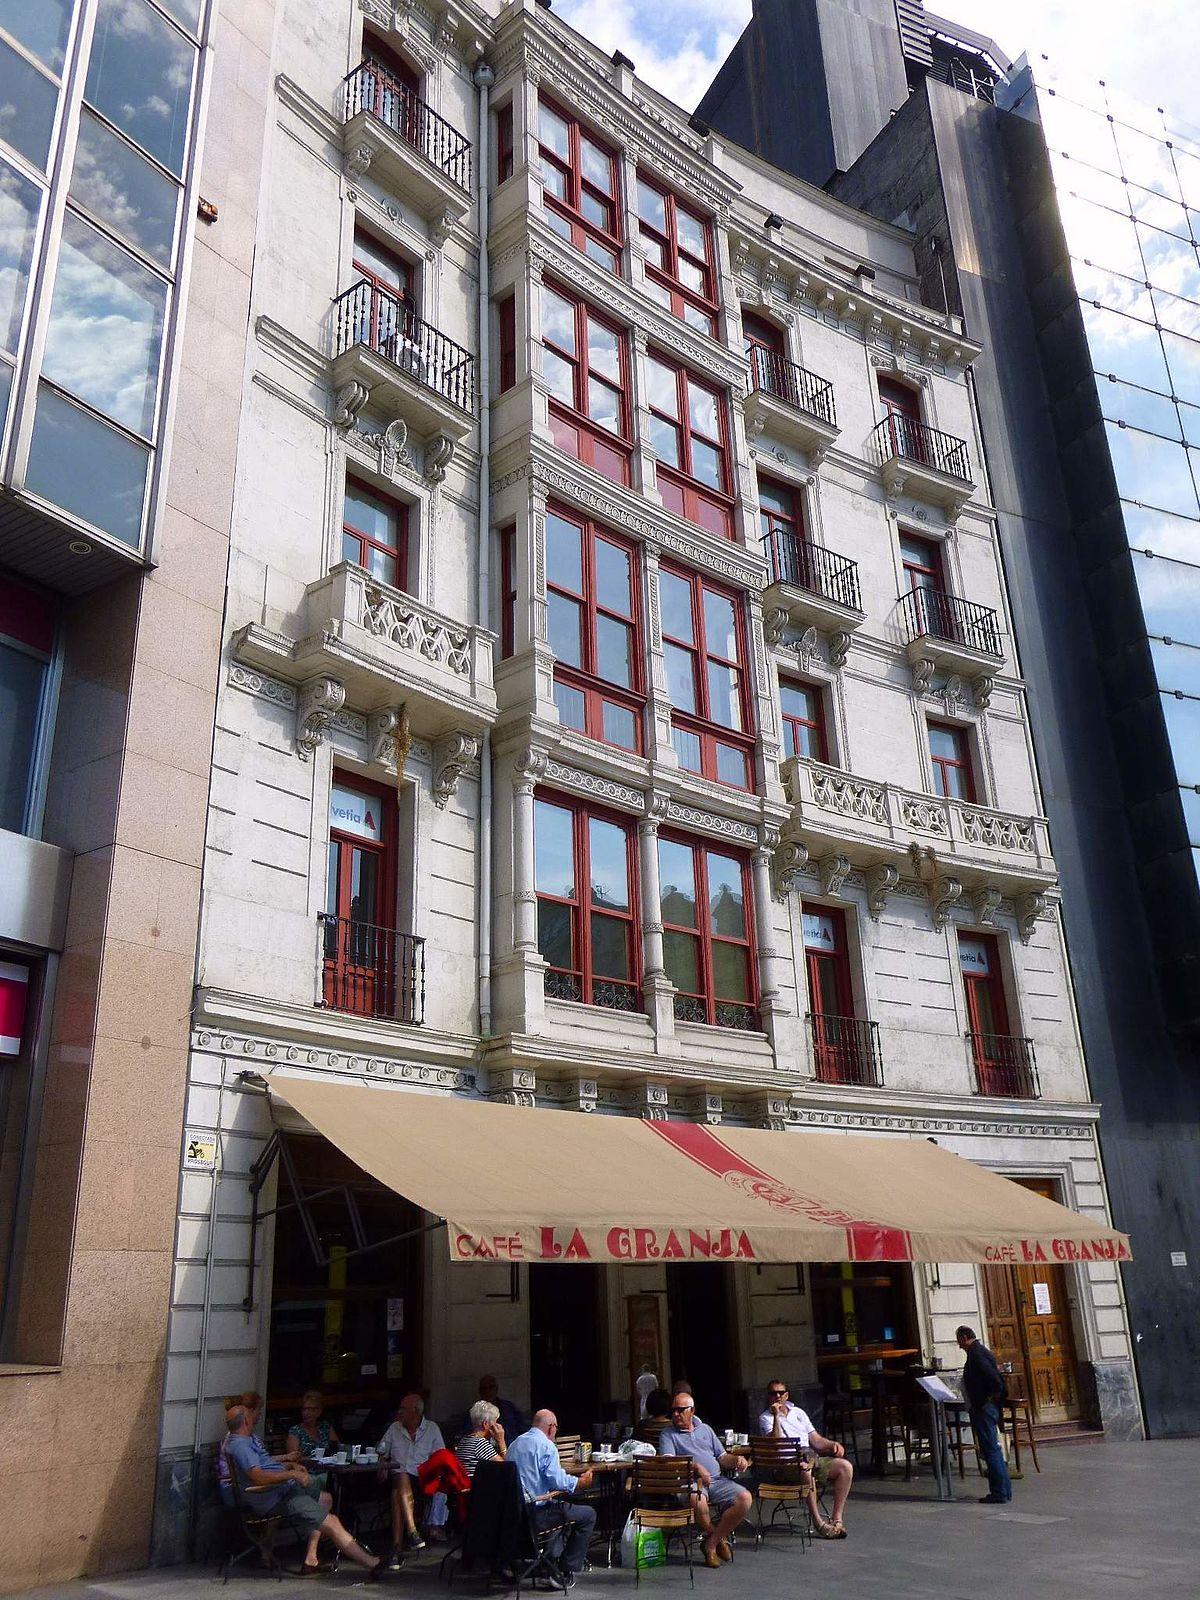 Cafe La Granja Bilbao